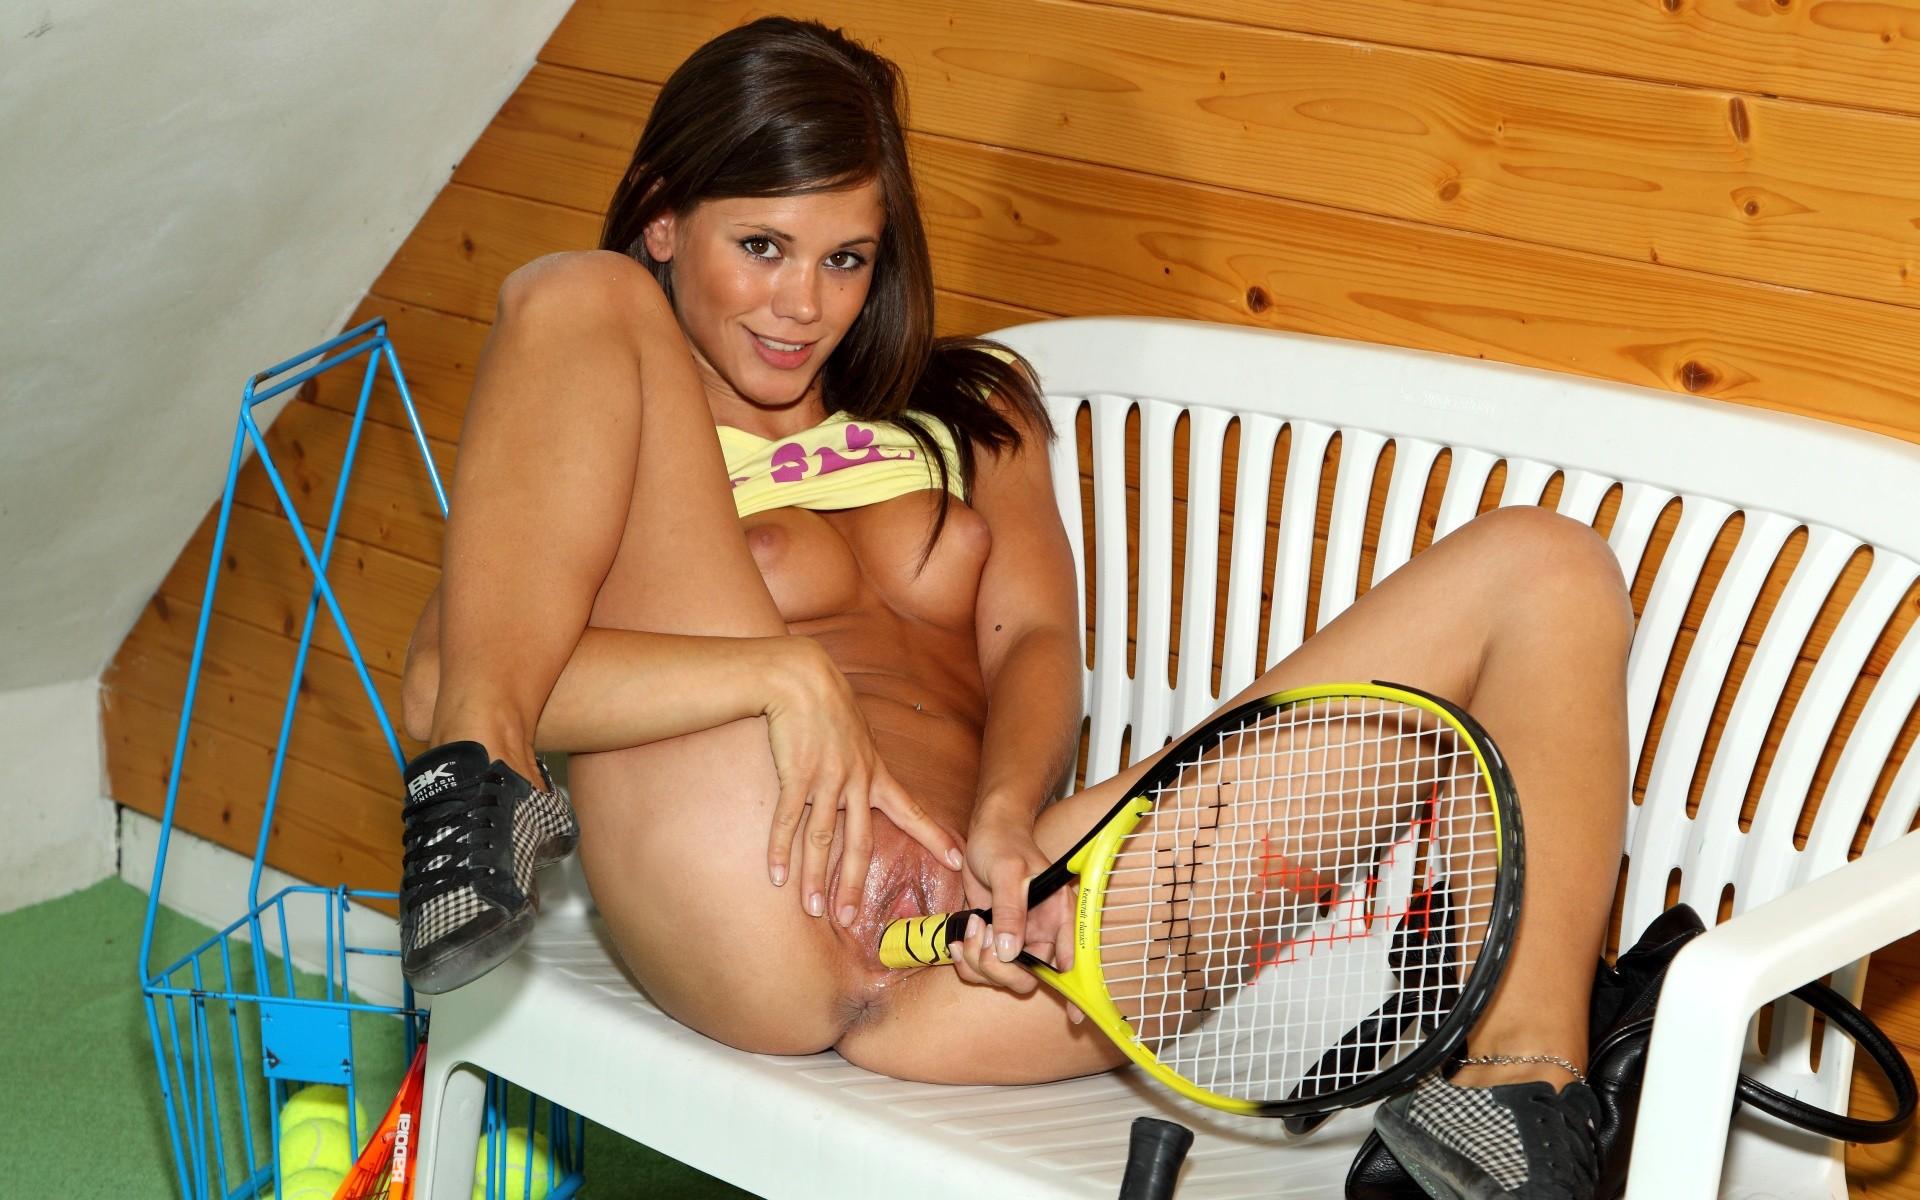 порнофильмы про теннис касается